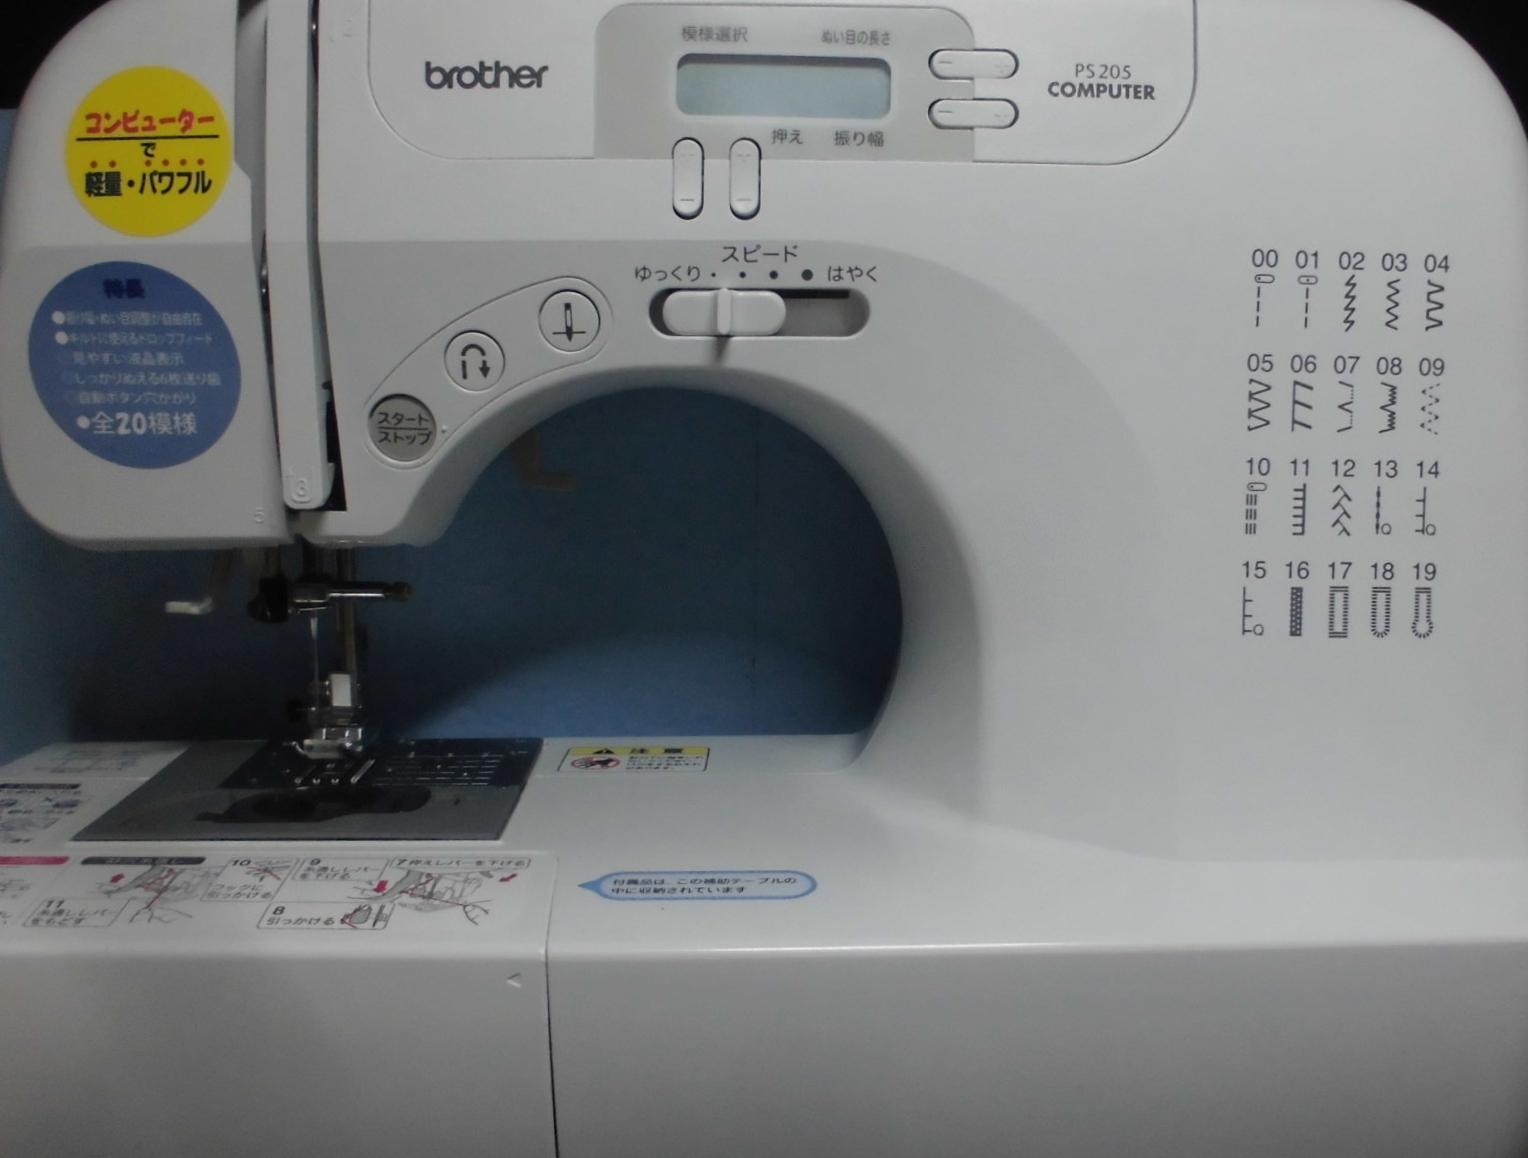 ブラザーミシン修理|PS205|縫えない、下糸を拾わない、針が板にあたる、釜ずれ